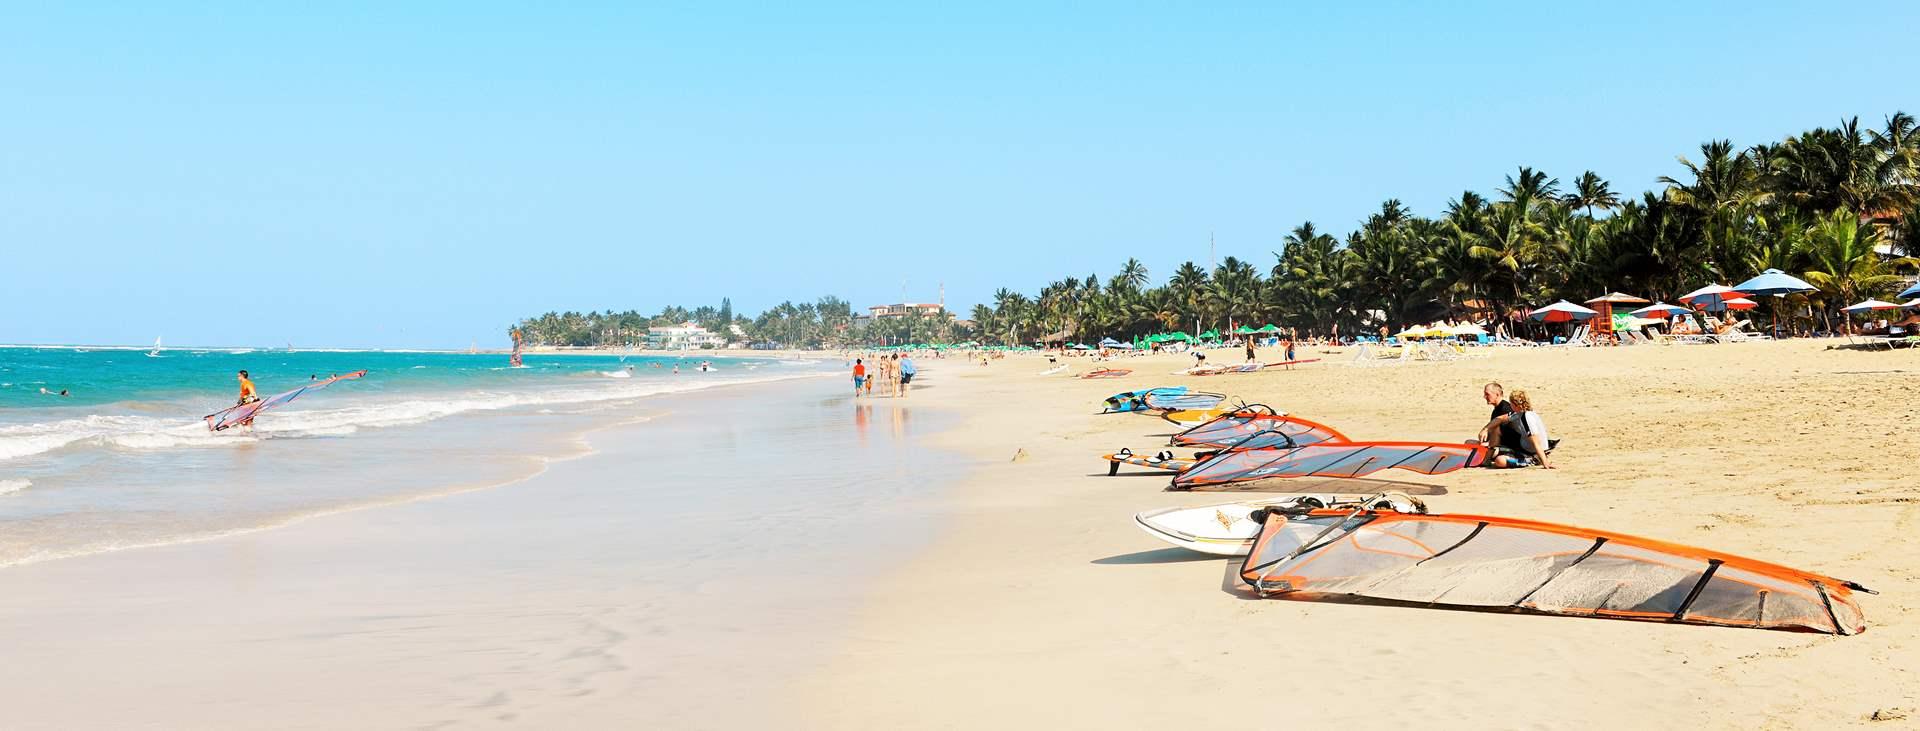 Bestill en reise til Cabarete i Den dominikanske republikk med Ving